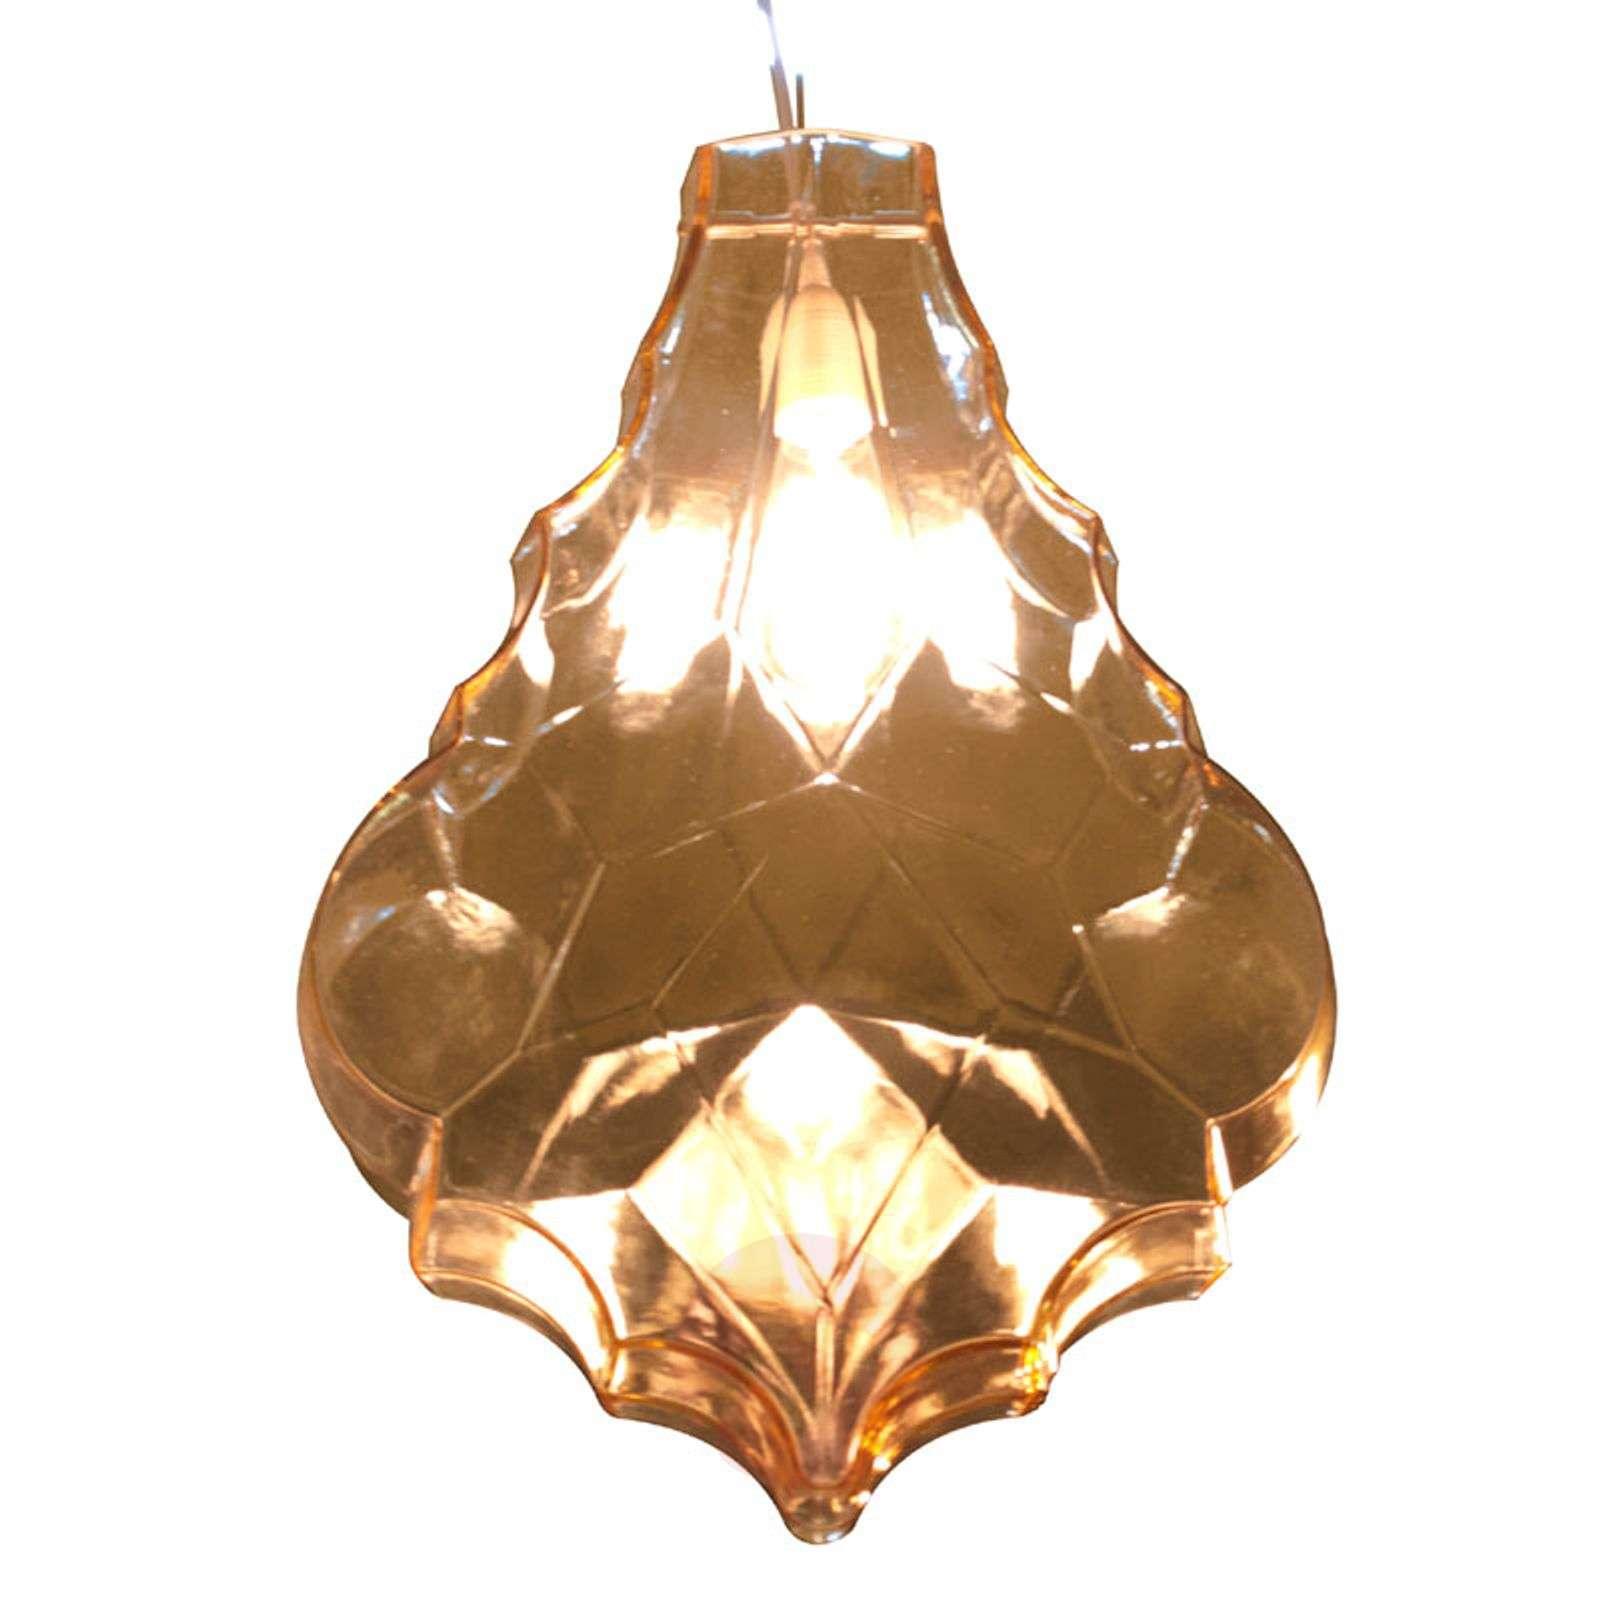 Vaikuttava lasinen riippuvalaisin 24Karati-5542001X-01